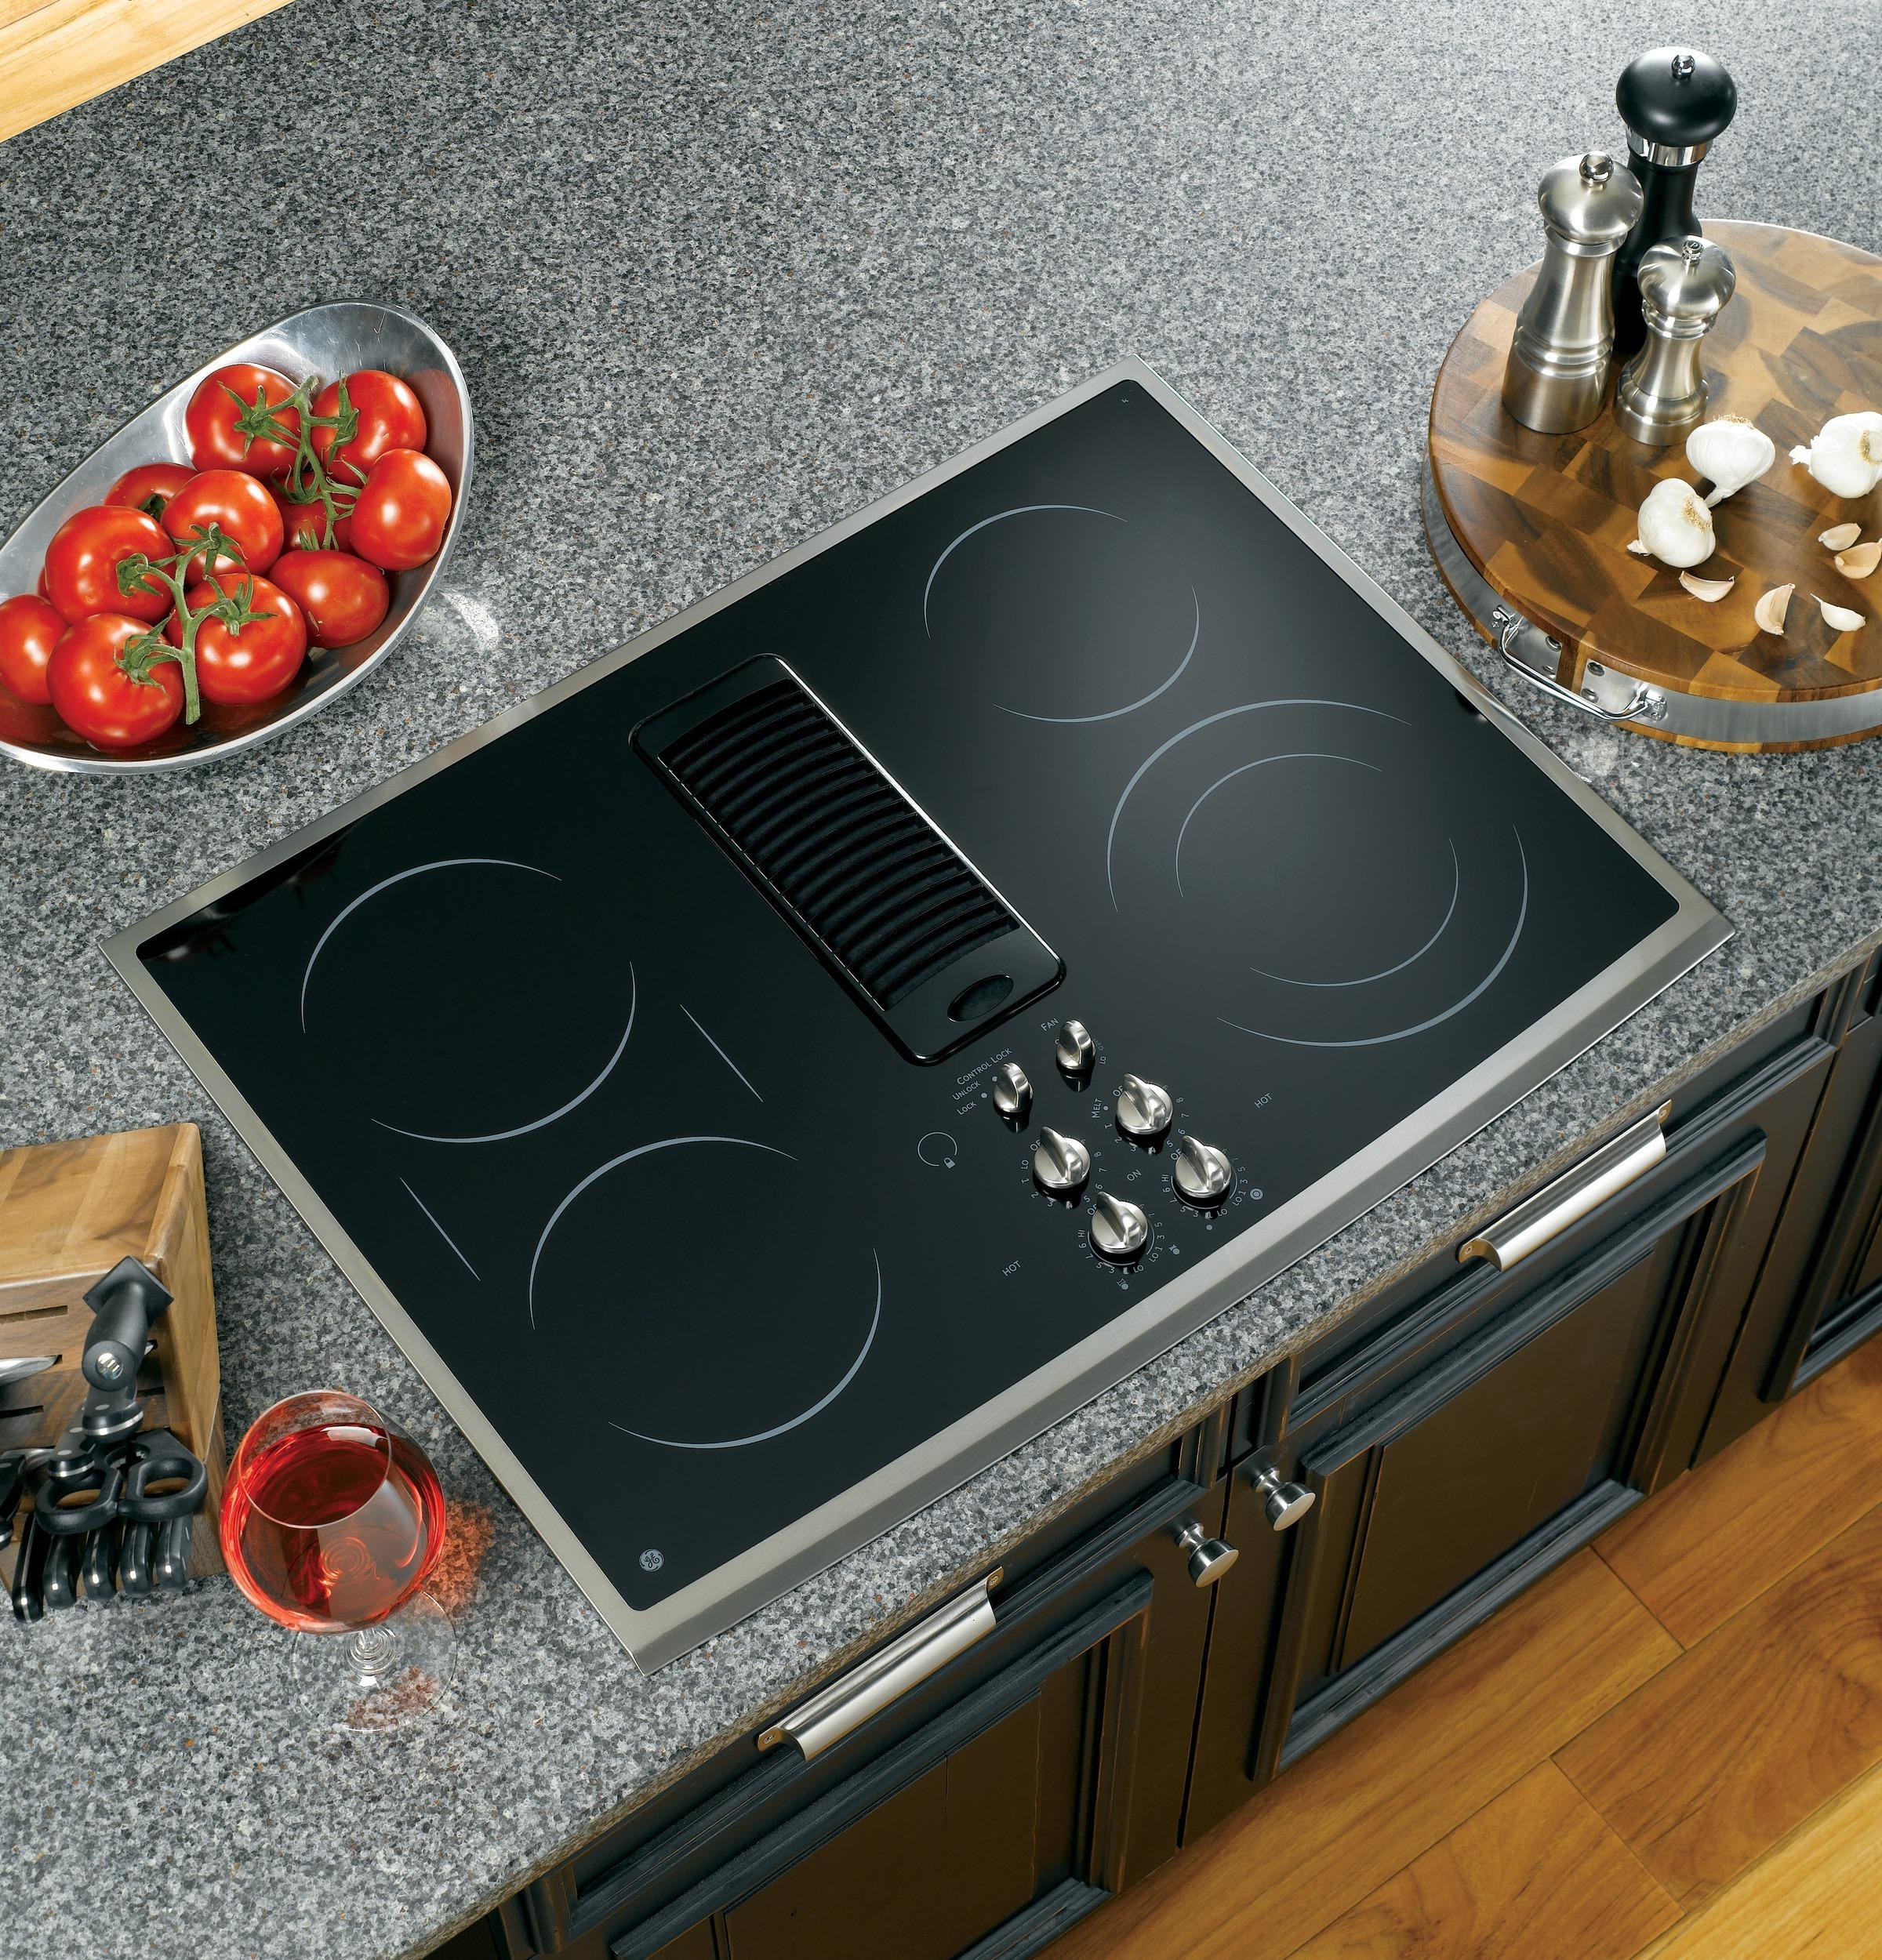 Uncategorized Top 10 Kitchen Appliances top 10 must have kitchen appliances to zest up your home propsocial electric cooktop